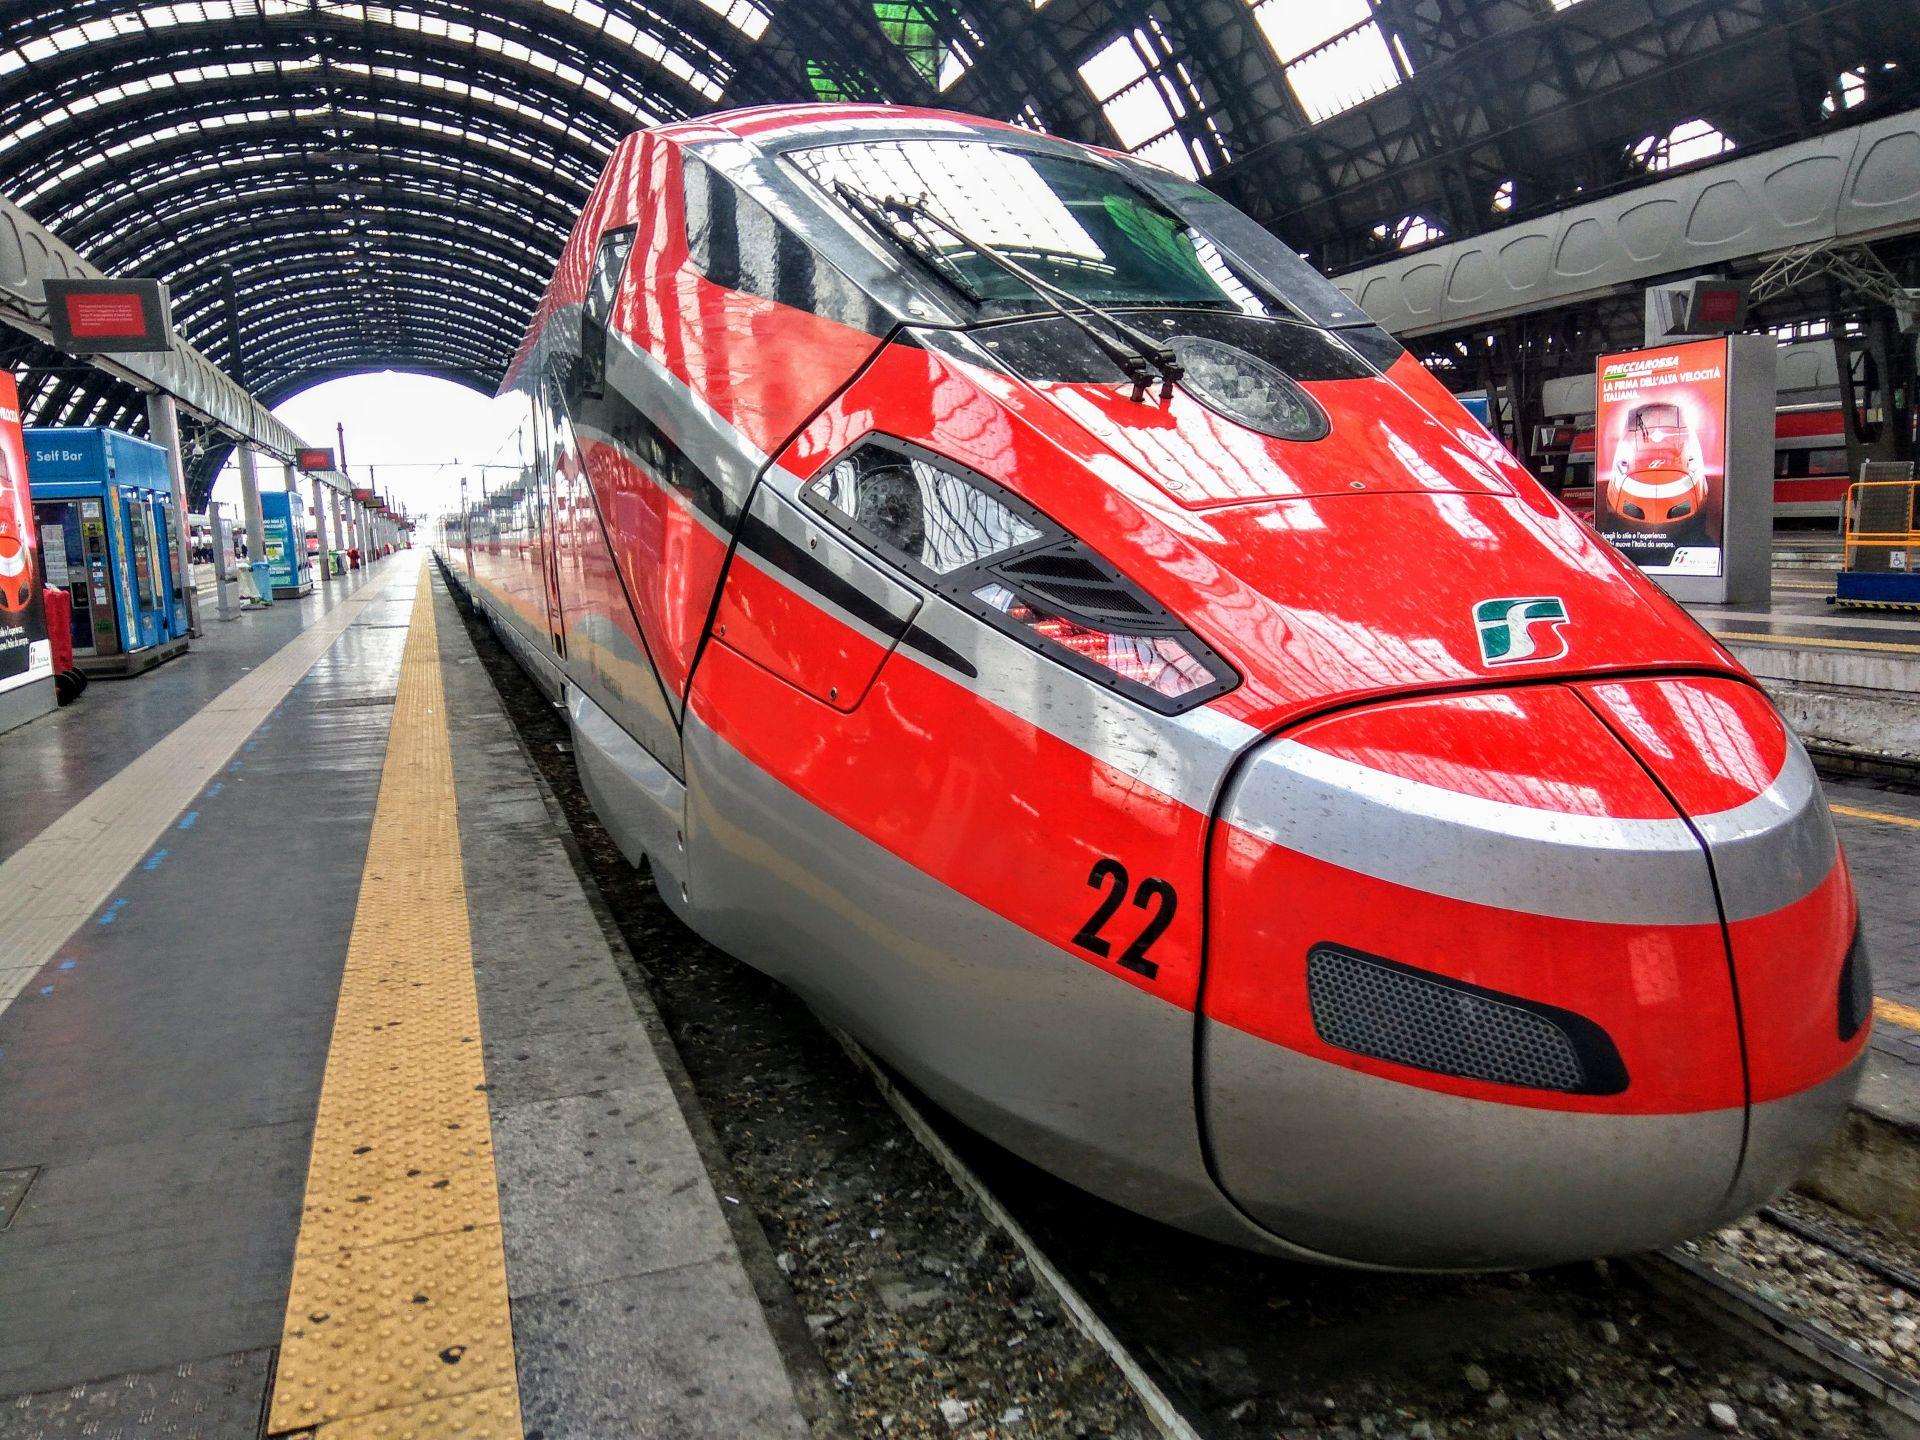 Vysokorychlostní jednotka Frecciarossa 1000 v Miláně. Foto: Jan Sůra